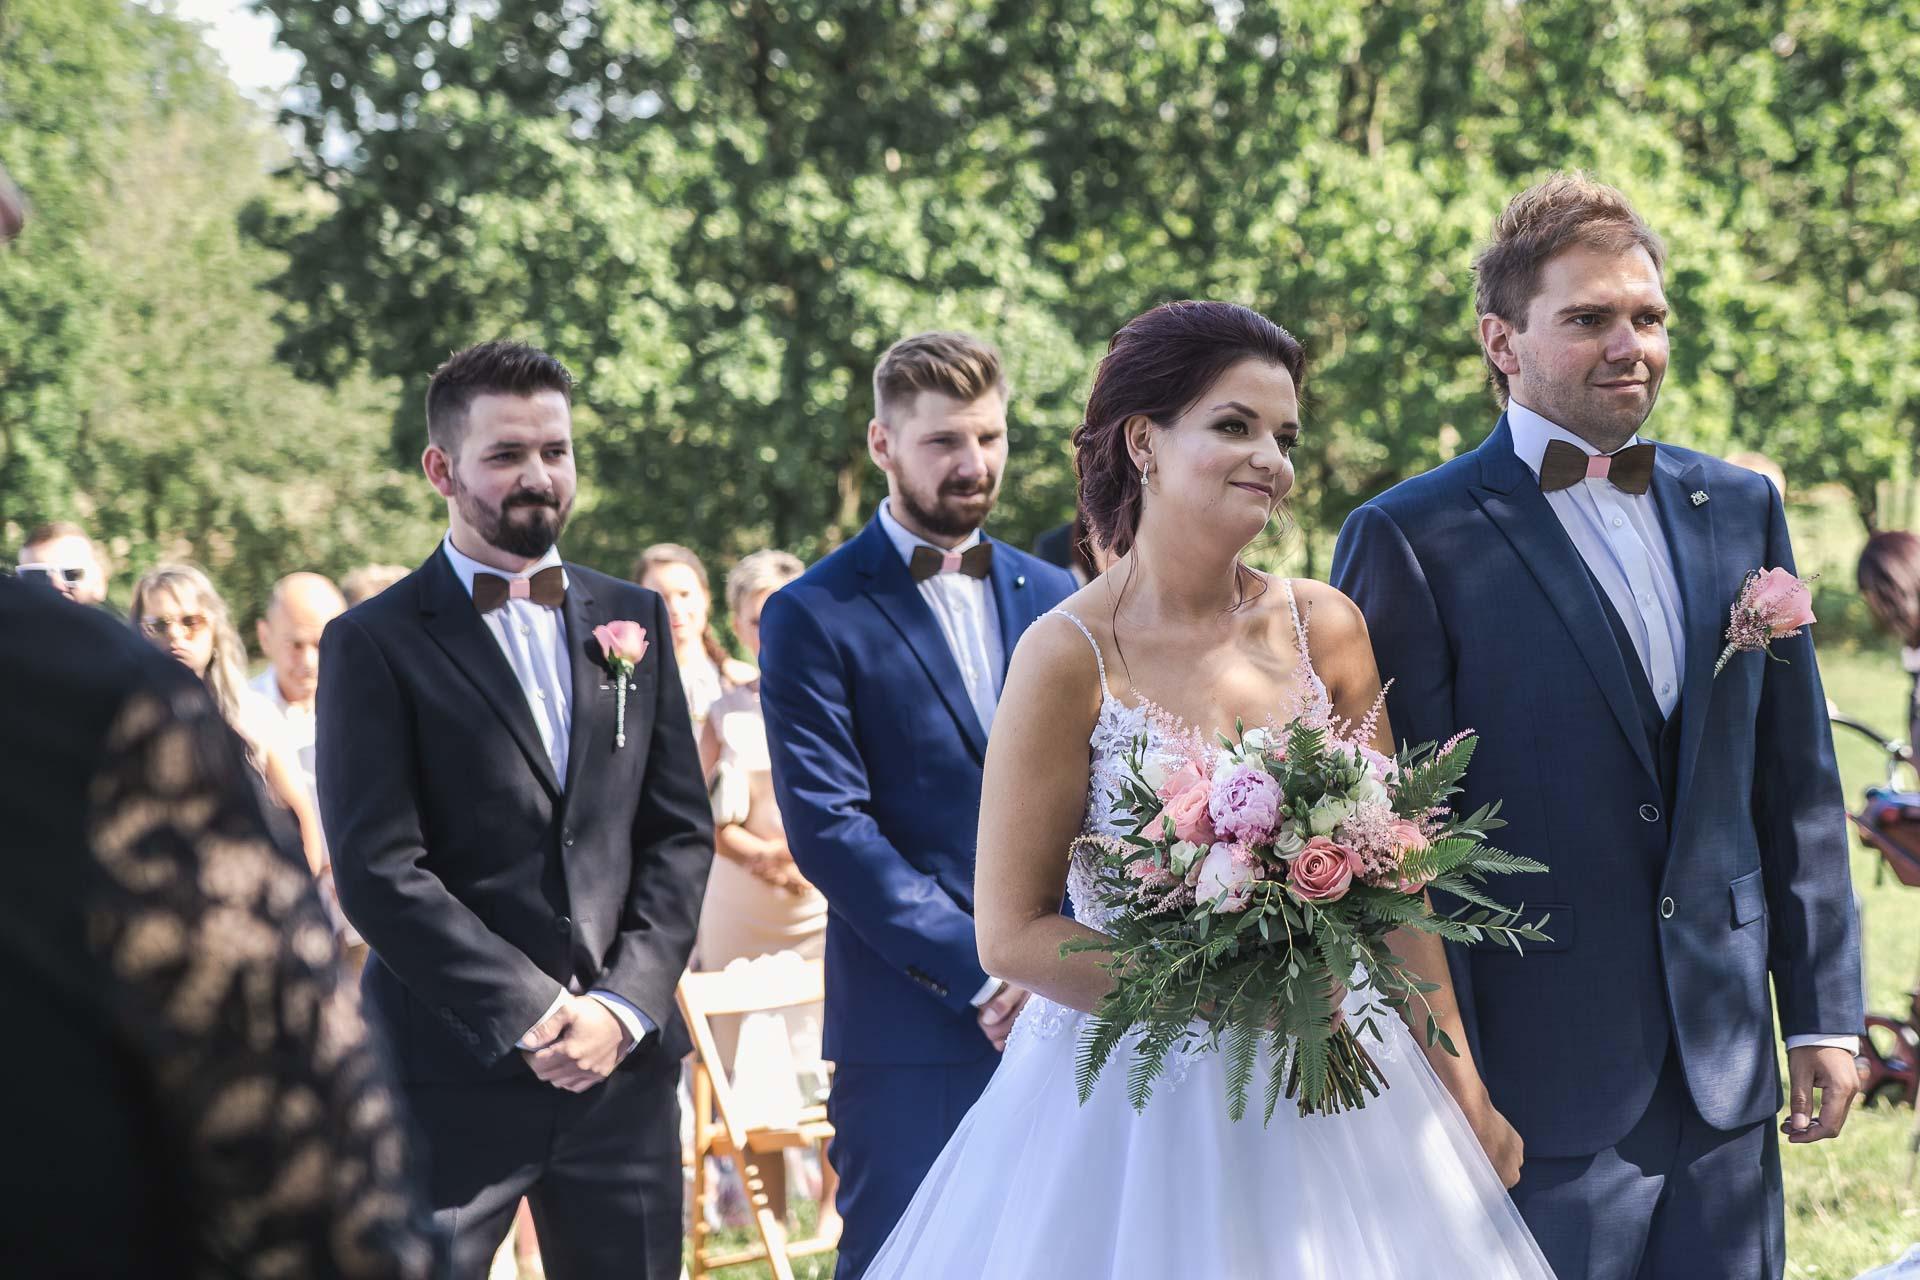 svatební-fotografie-Říp-svatební-video-ŘÍP-svatební-fotograf-ŘÍP-svatba-Mělník-svatba-Neratovice-fotograf-na-savtbu-kameraman-na-svatbu-109